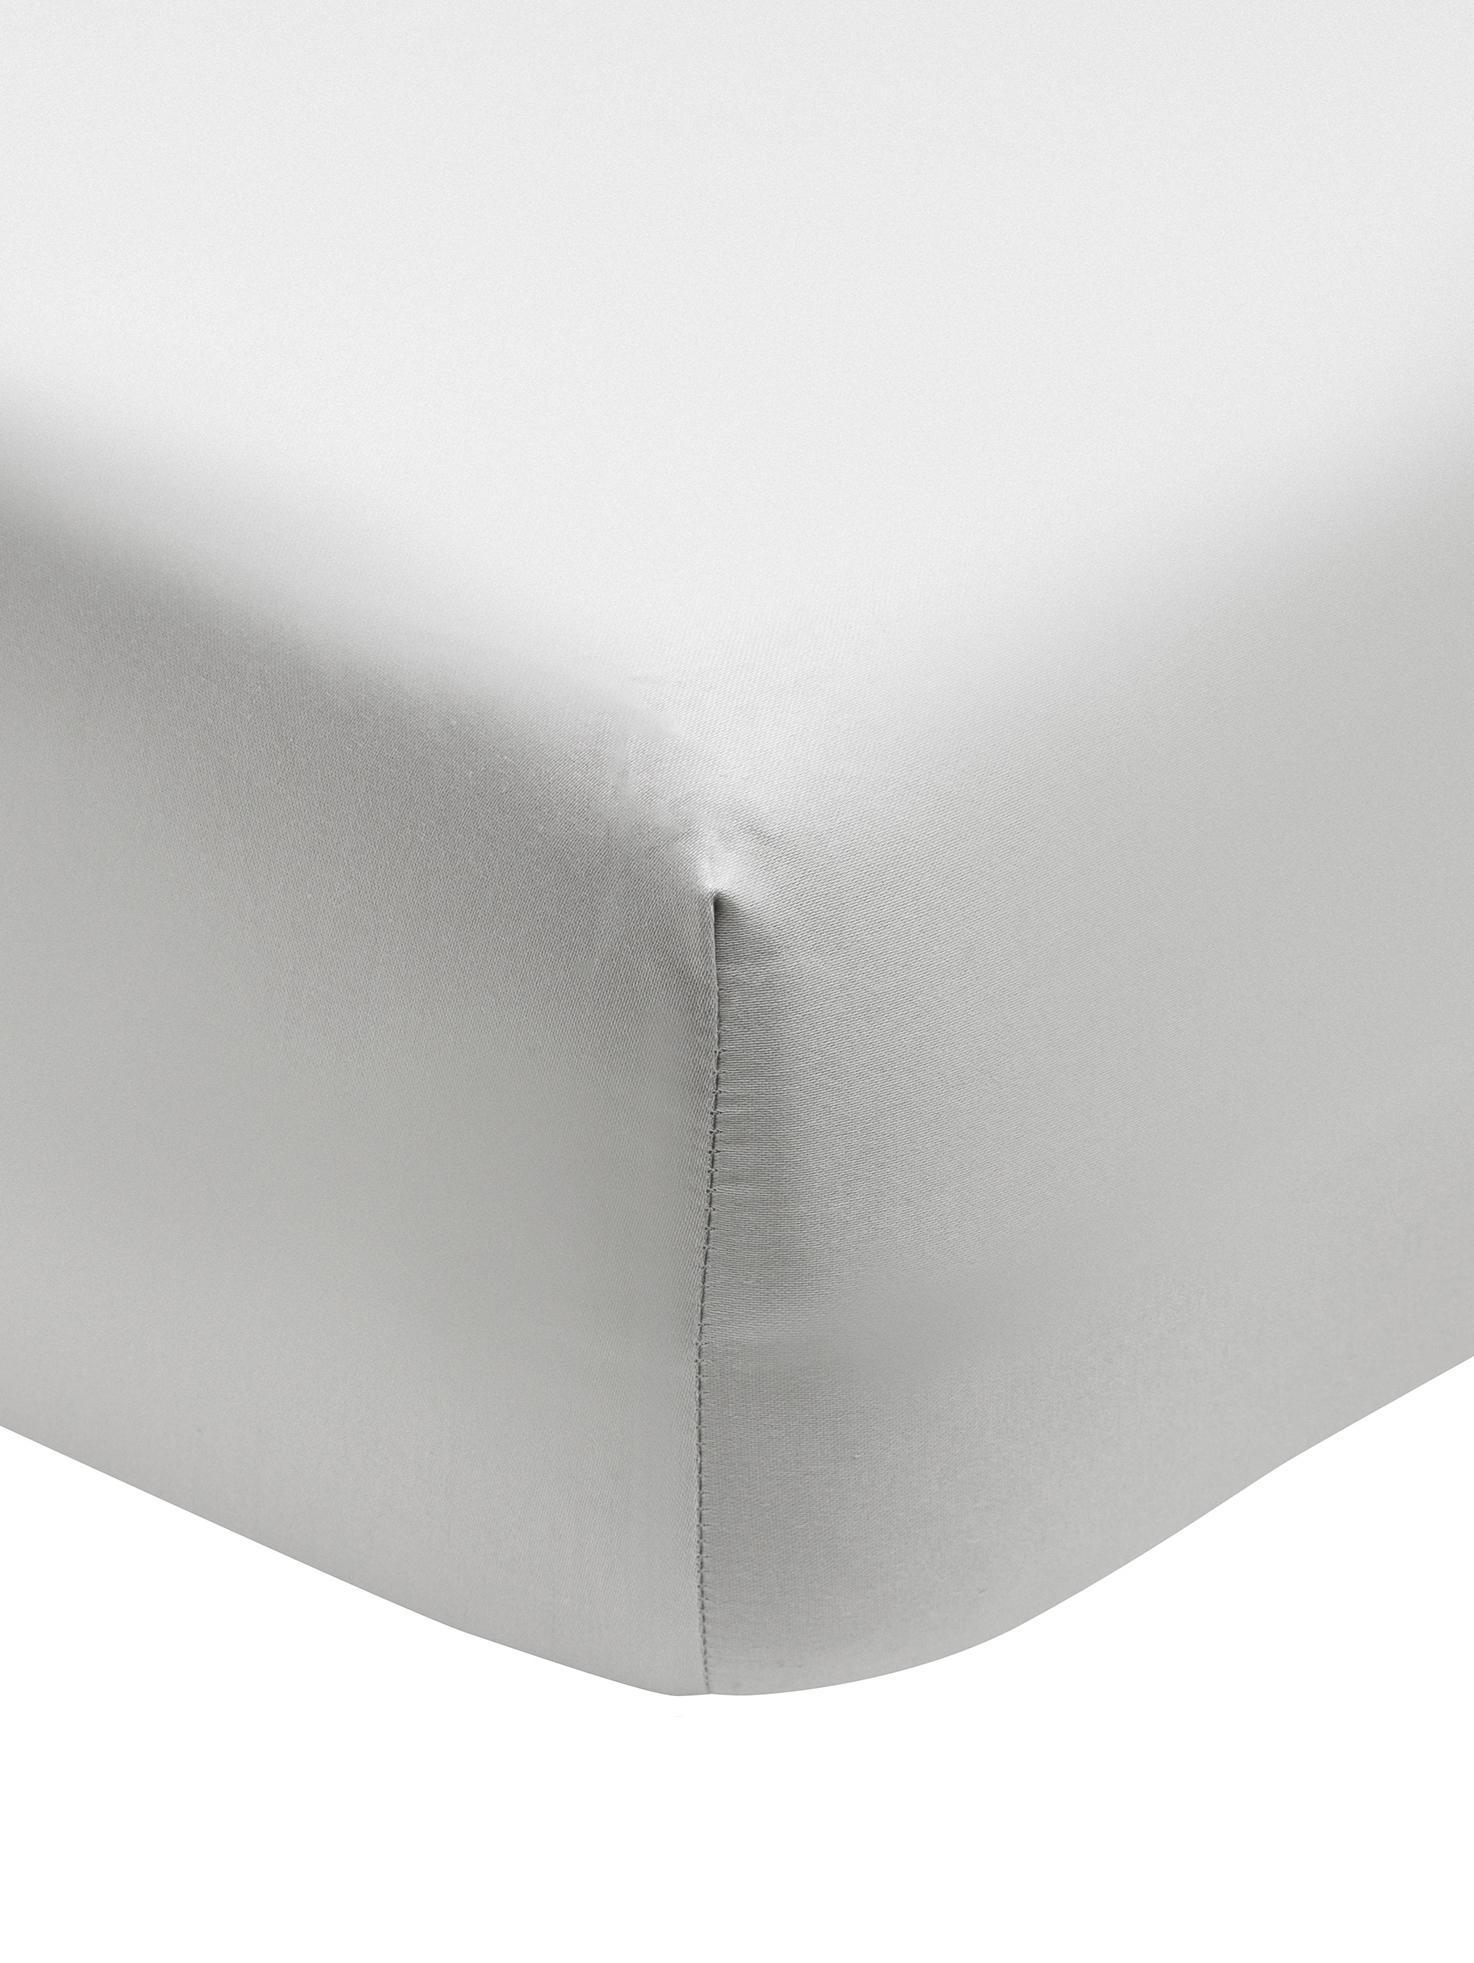 Sábana bajera de satén Premium, Gris claro, Cama 90 cm (90 x 200 cm)